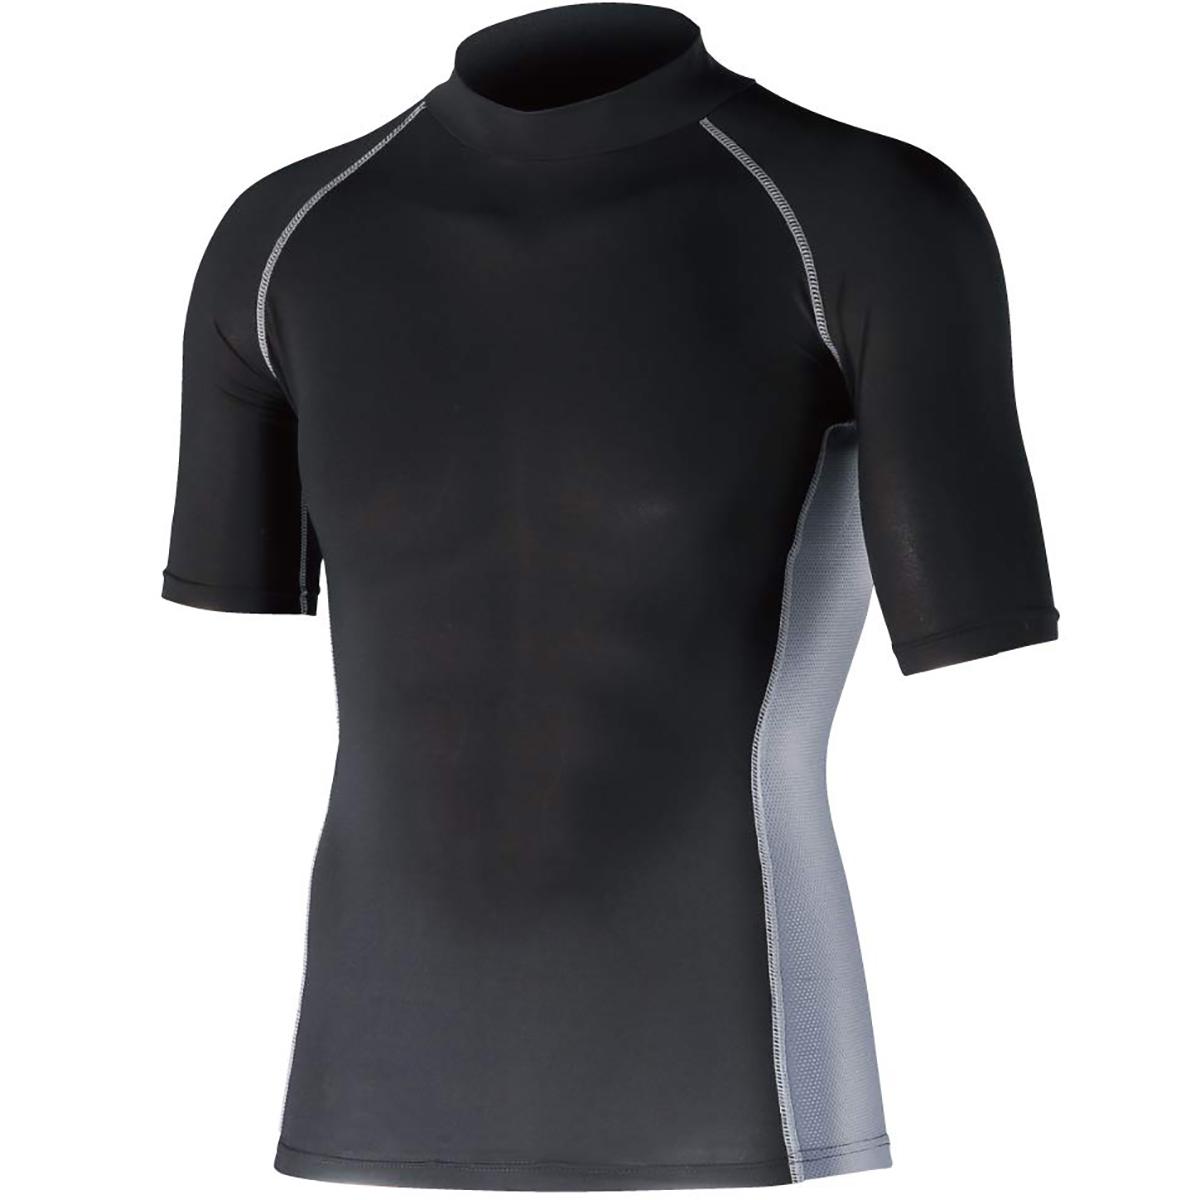 冷感 消臭 パワーストレッチ 半袖ハイネックインナーシャツ